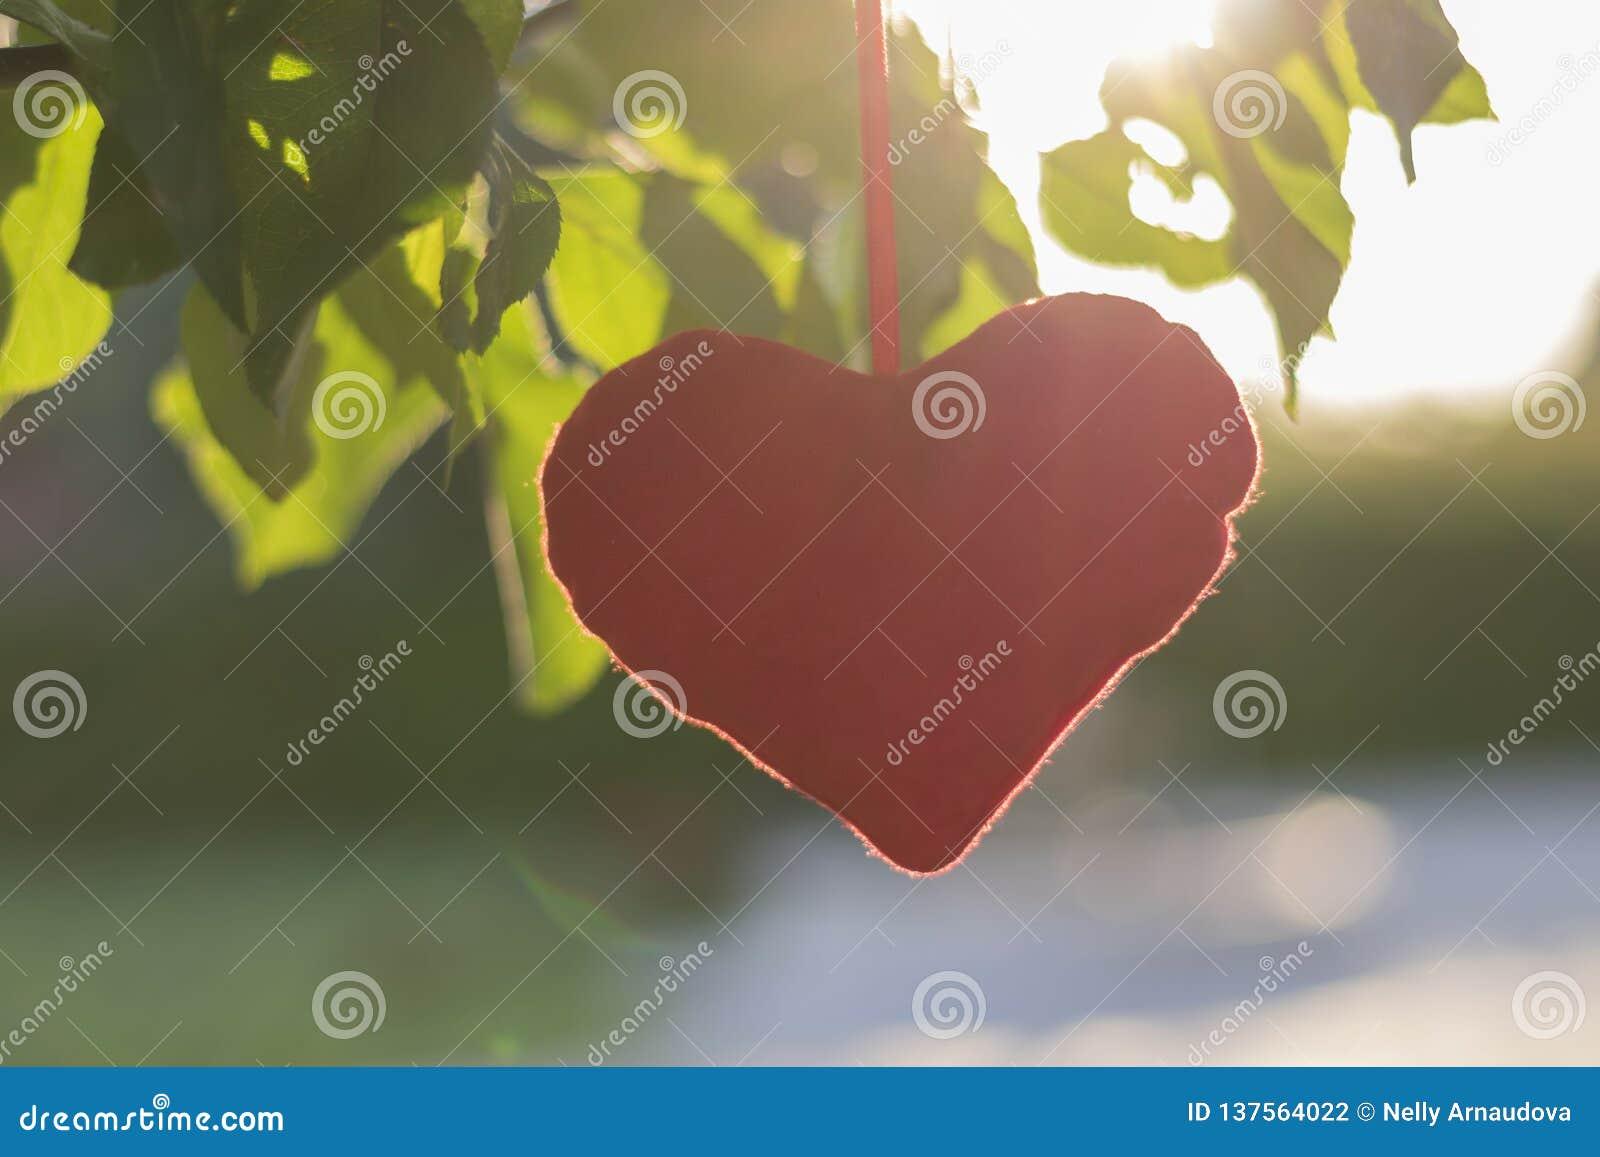 Flott leksak - en hjärta som fästas till ett träd med gröna sidor